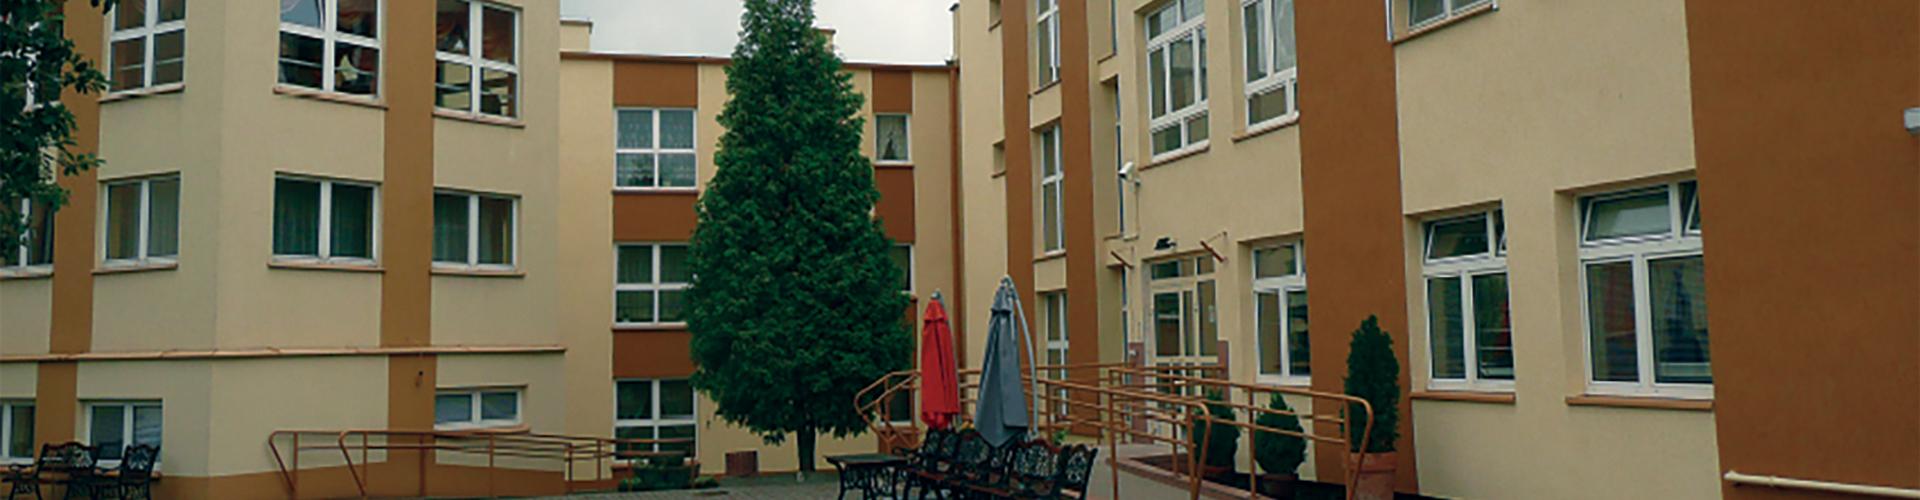 Budynek Domu Pomocy Społecznej w Koninie